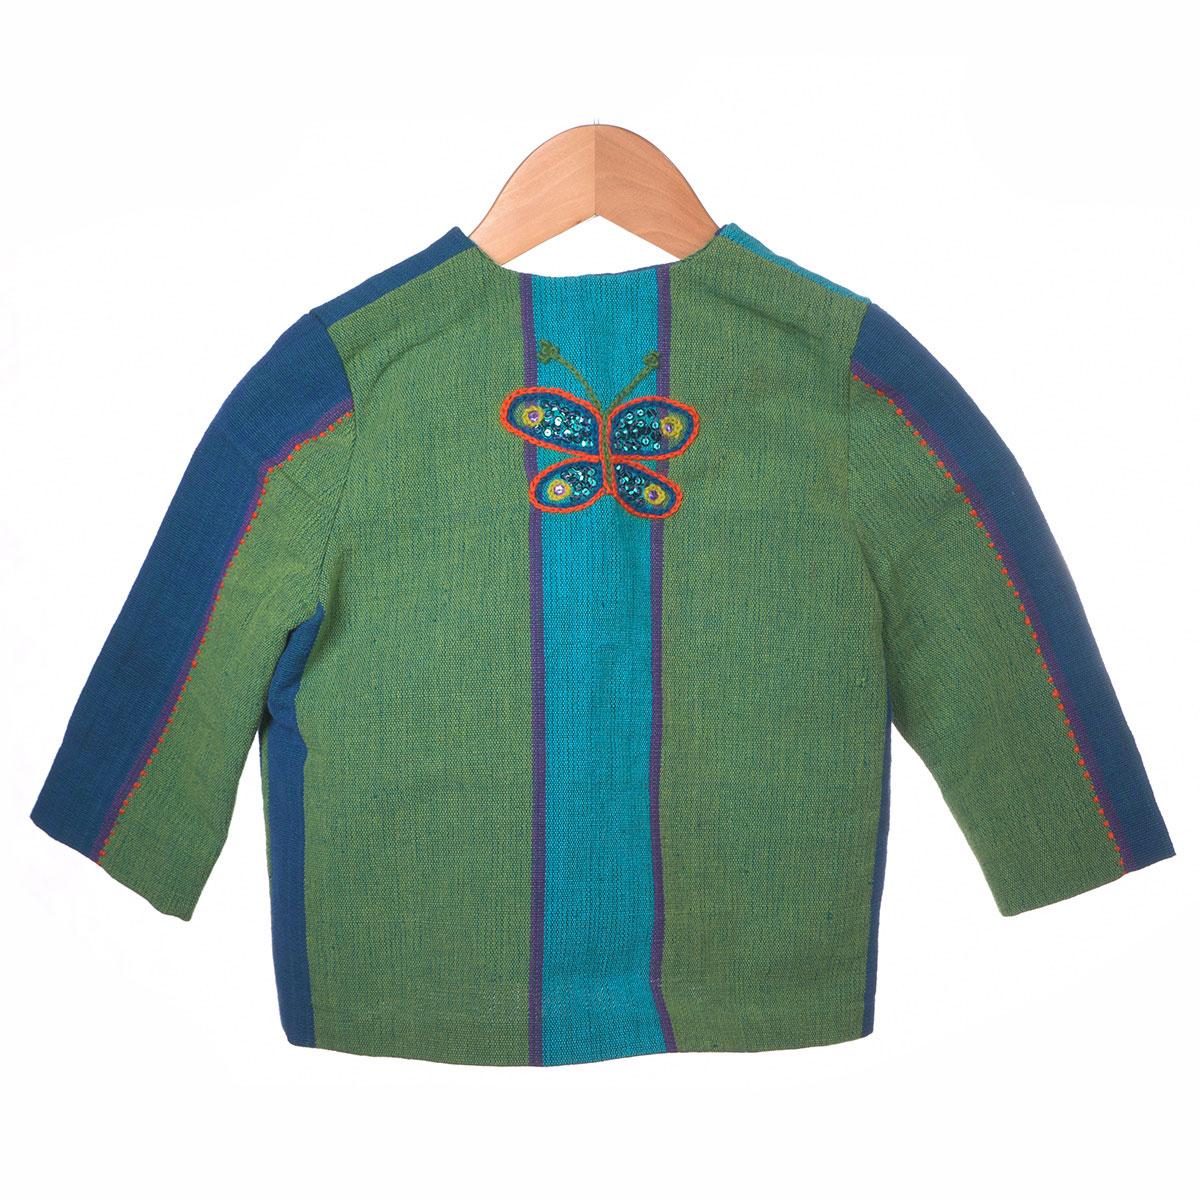 Blauw/groene vlakken met bloem borduursel achterzijde